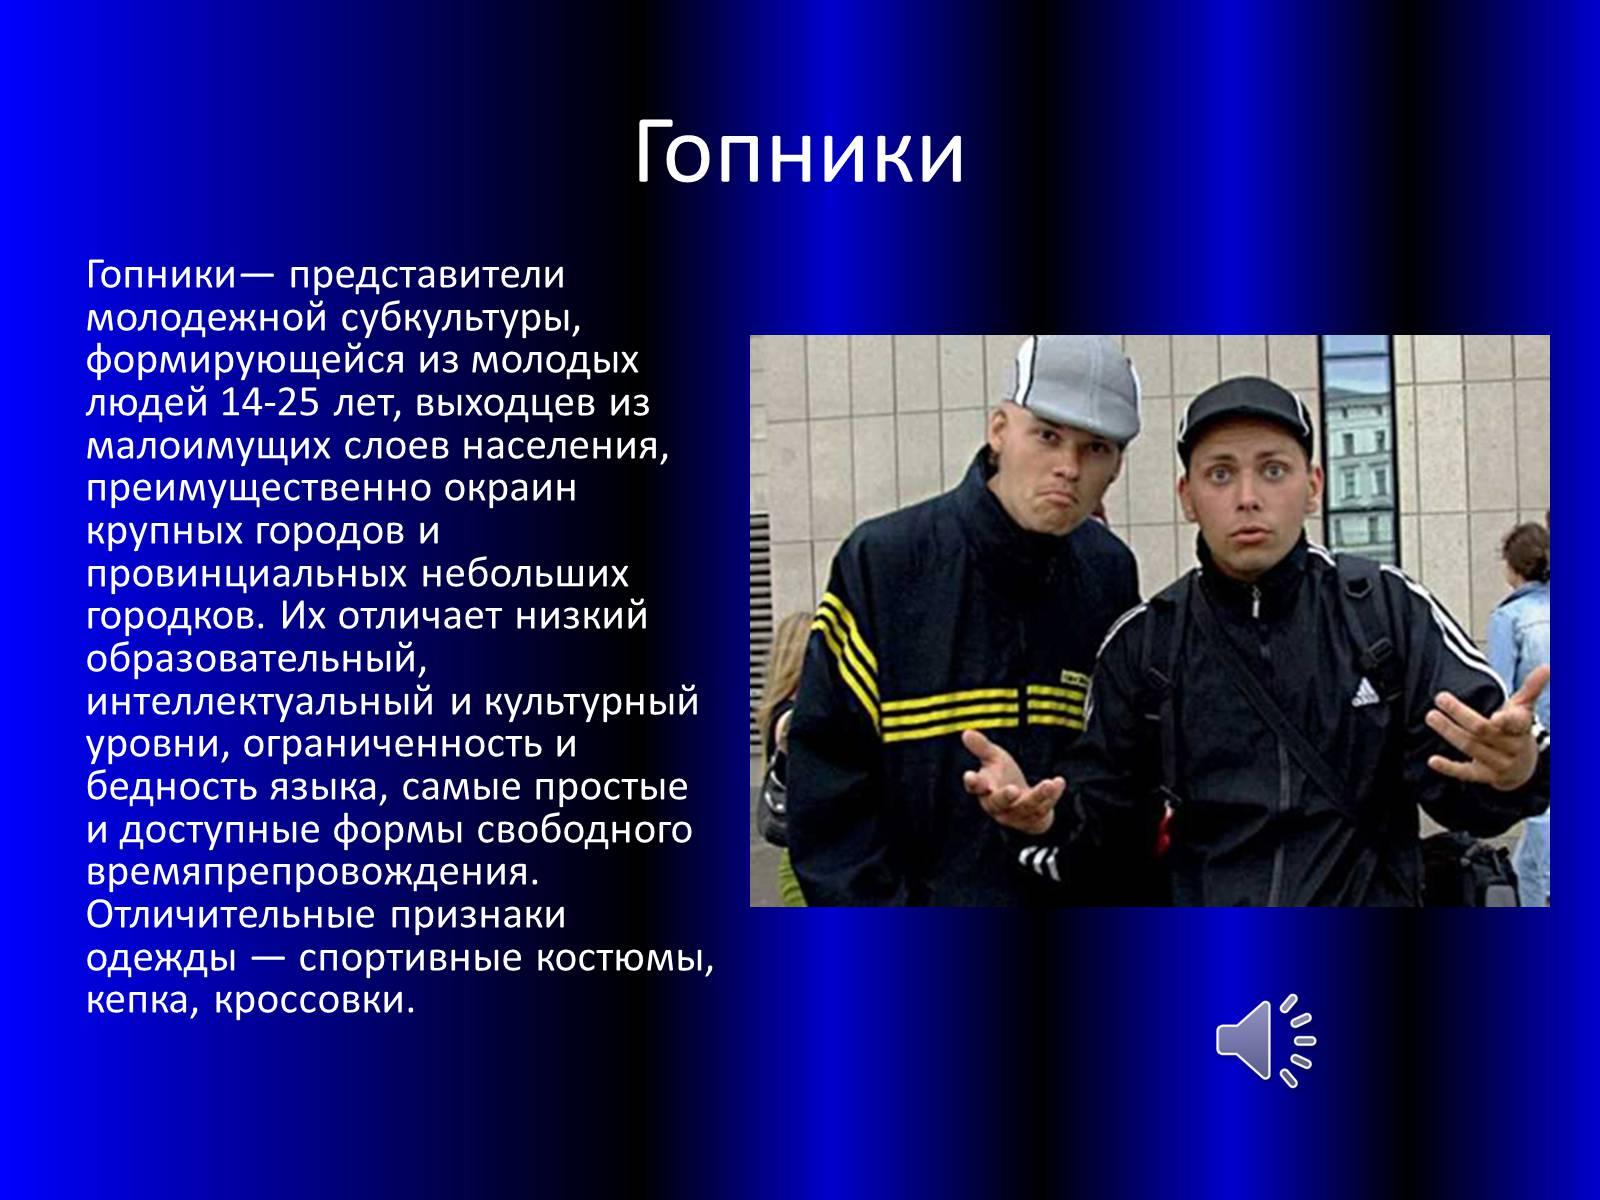 Кто такие гопники и чем они занимаются   fit-book.ru